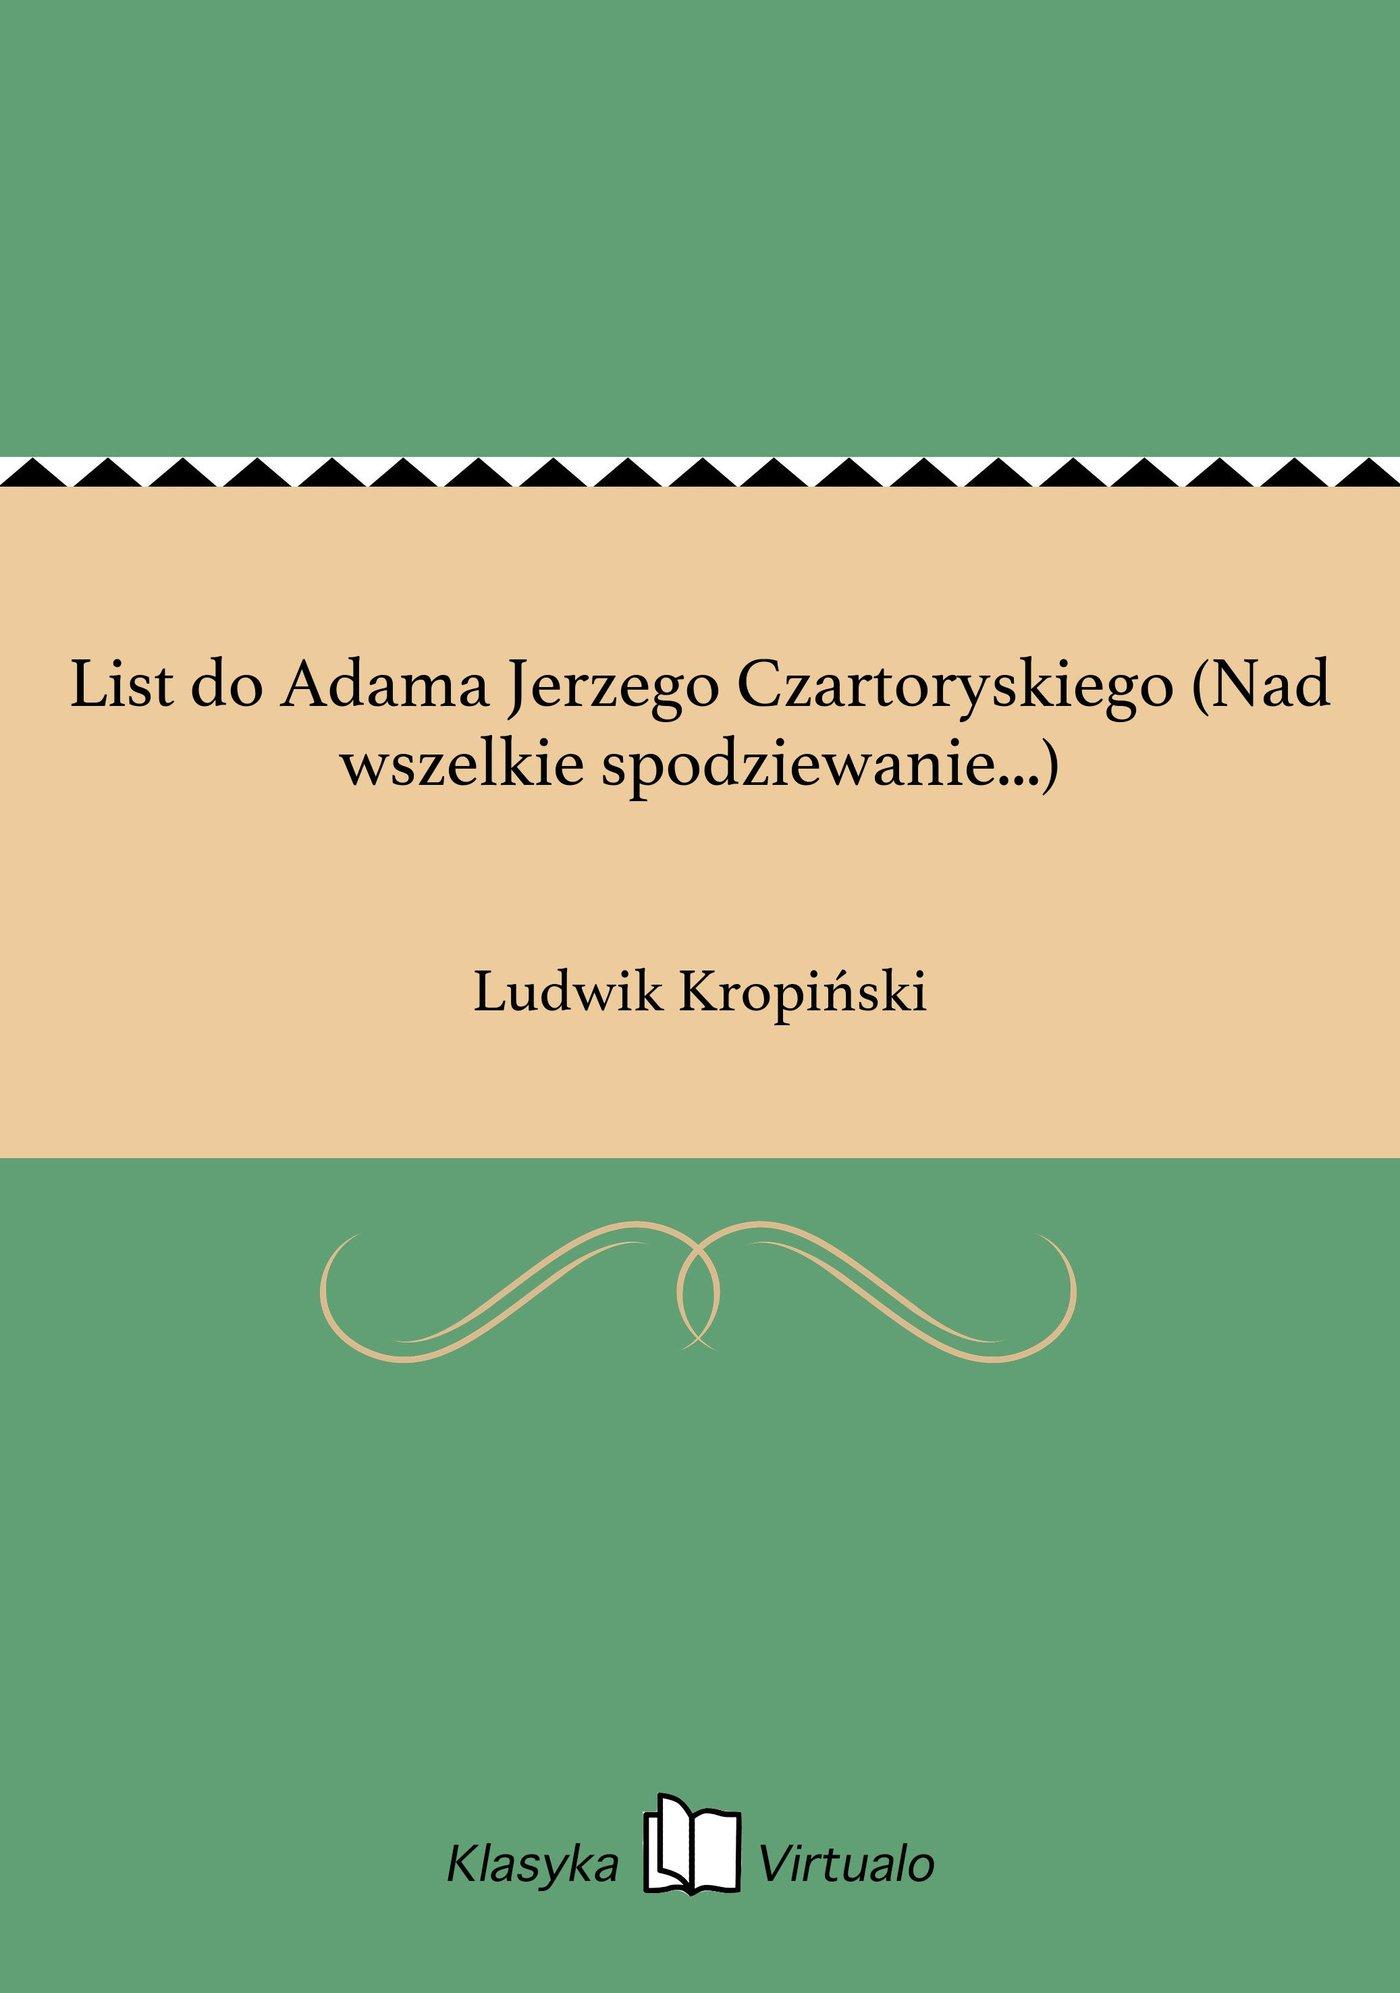 List do Adama Jerzego Czartoryskiego (Nad wszelkie spodziewanie...) - Ebook (Książka EPUB) do pobrania w formacie EPUB